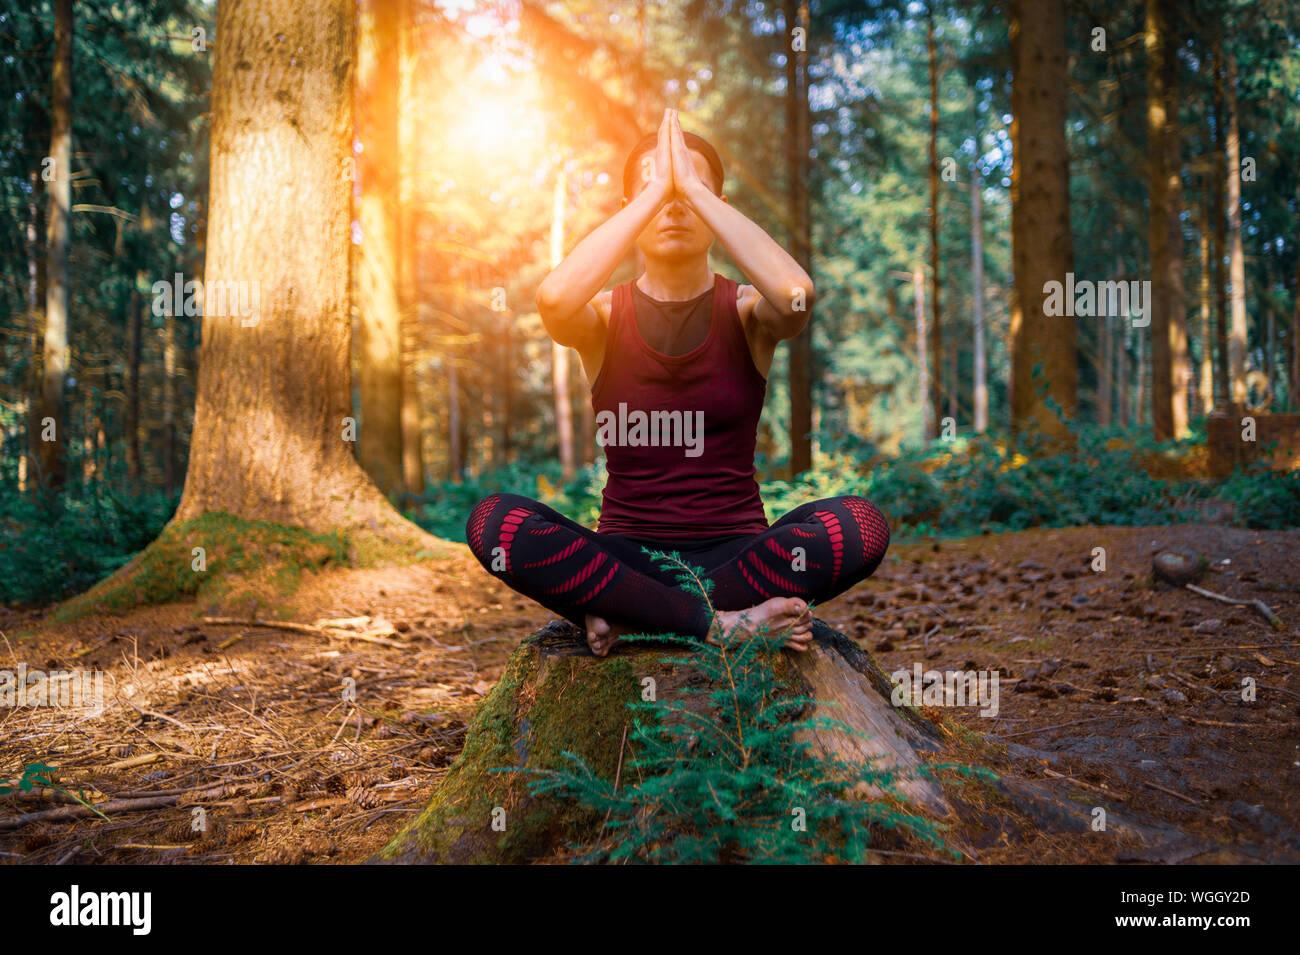 Femme assise sur une souche d'arbre dans une forêt méditer, pratiquer le yoga. Banque D'Images